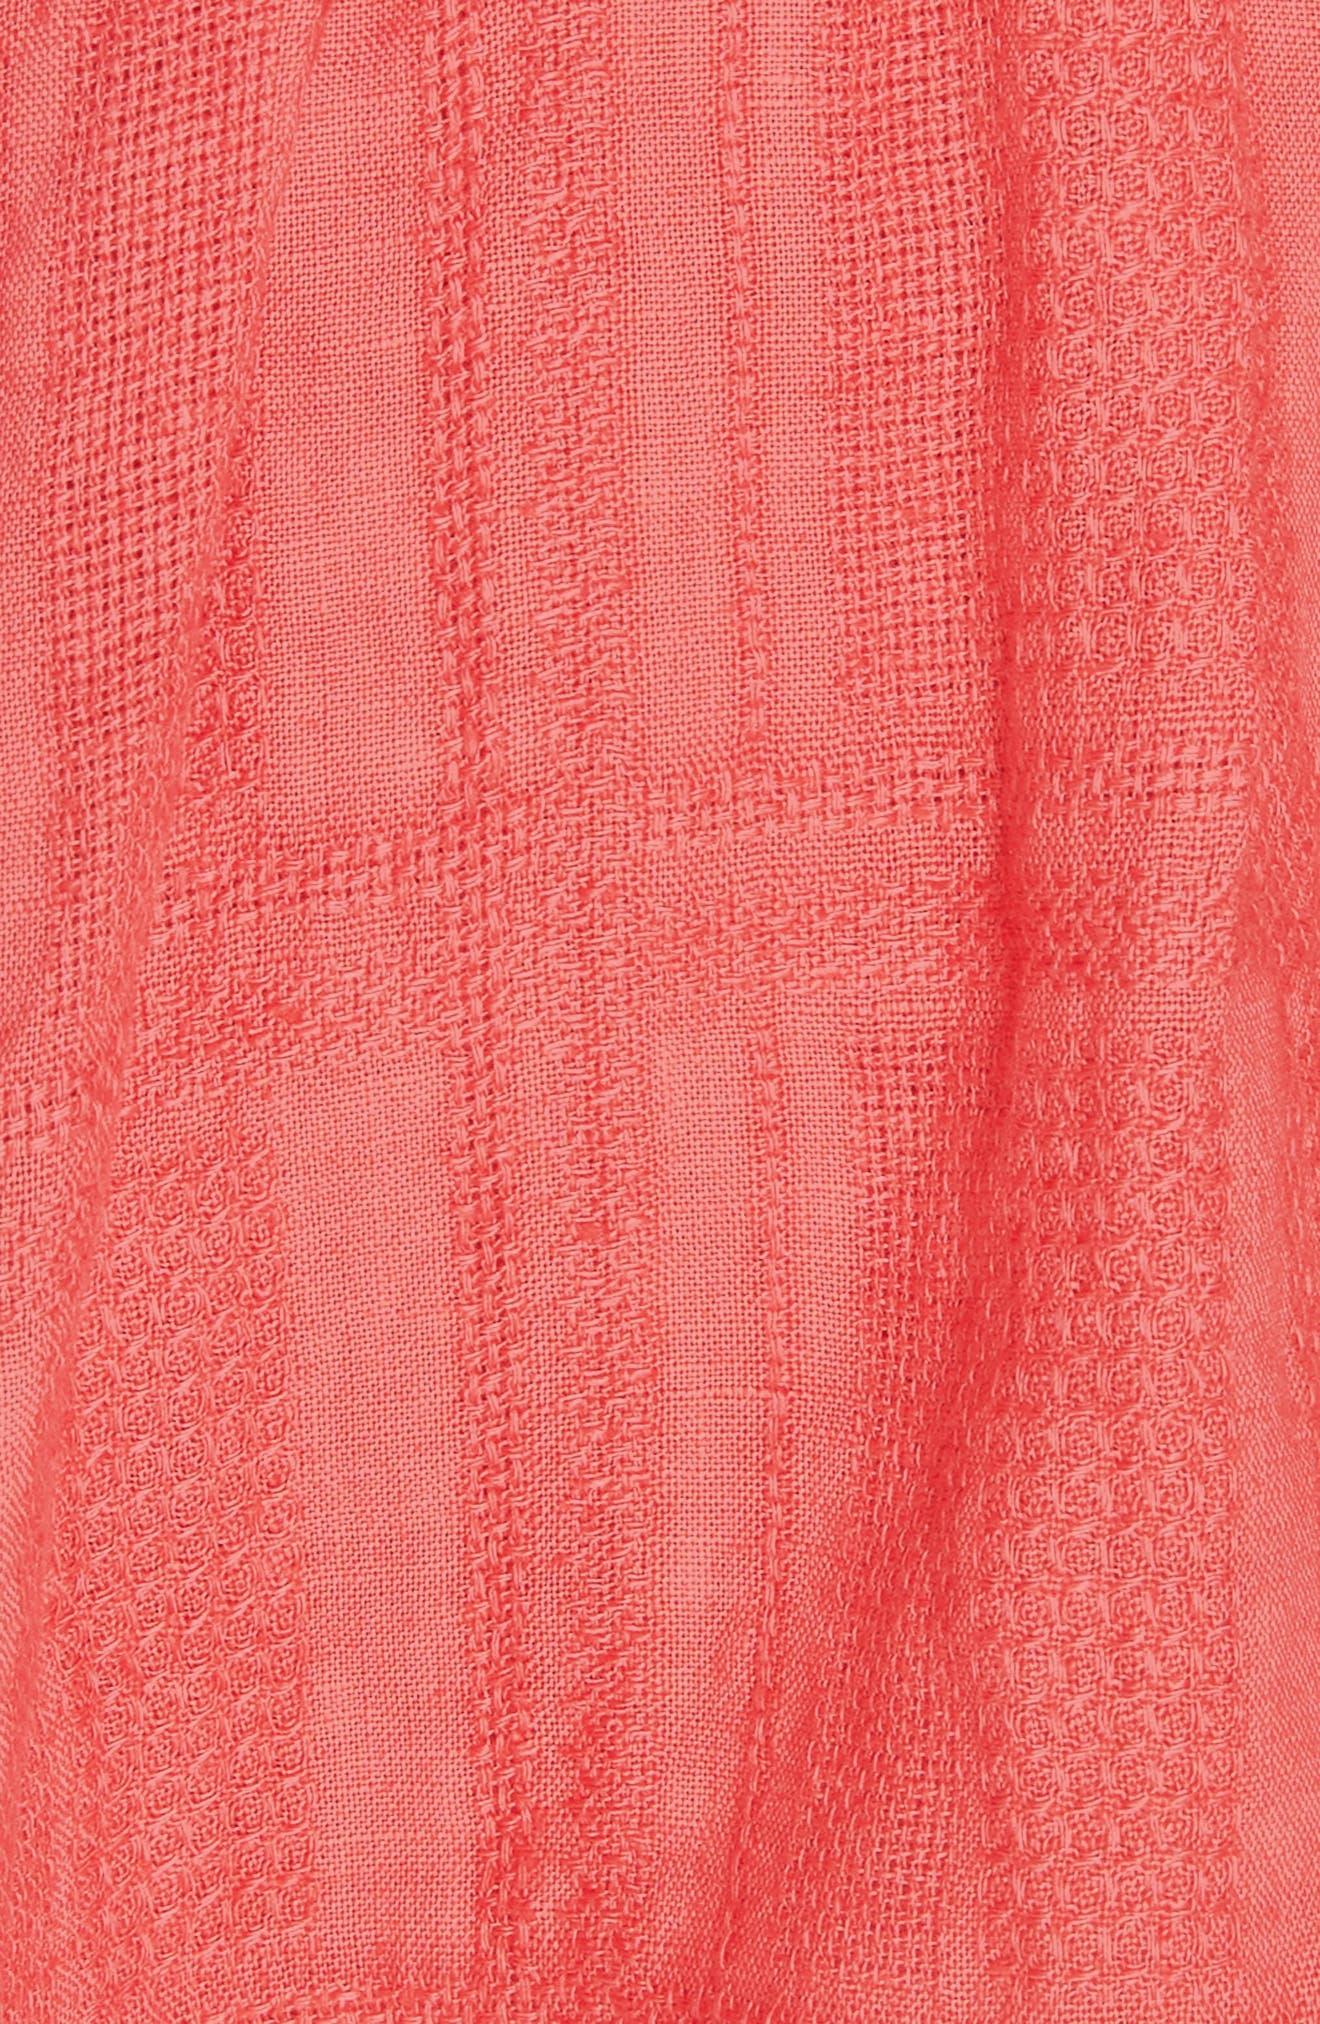 Daze Away Skort,                             Alternate thumbnail 5, color,                             Coral